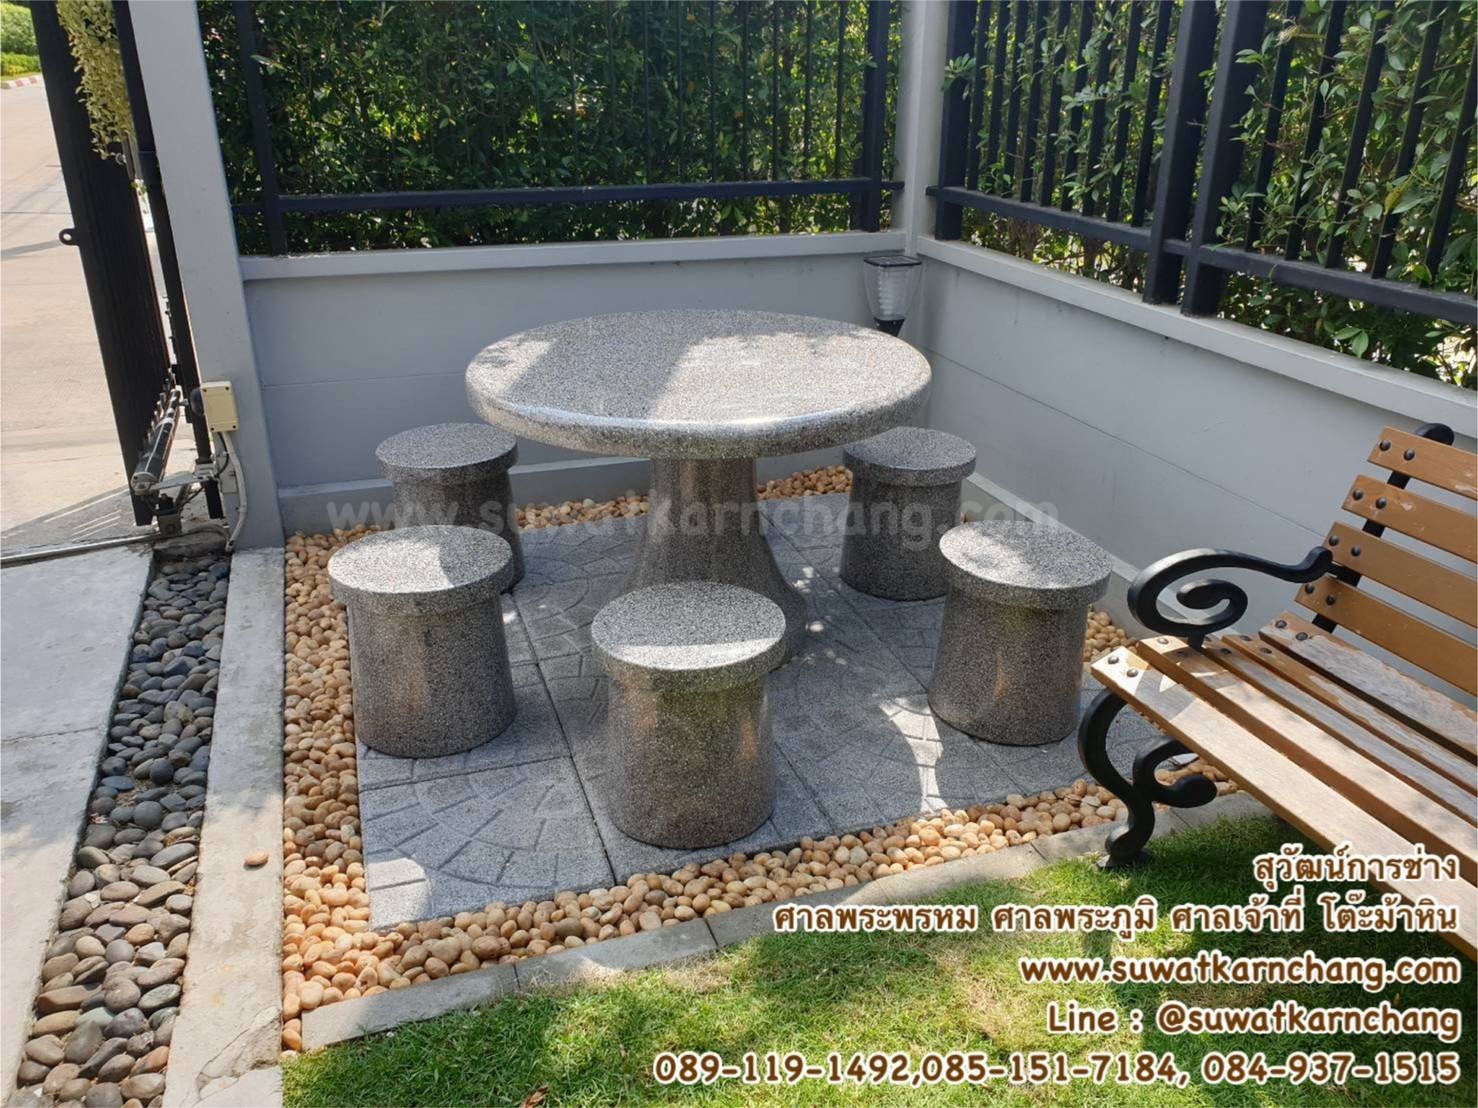 โต๊ะกลมดอกเห็ด หน้า 100 ซม. หินขัดสีเทาล้วน ตัวนั่ง 5 ตัว